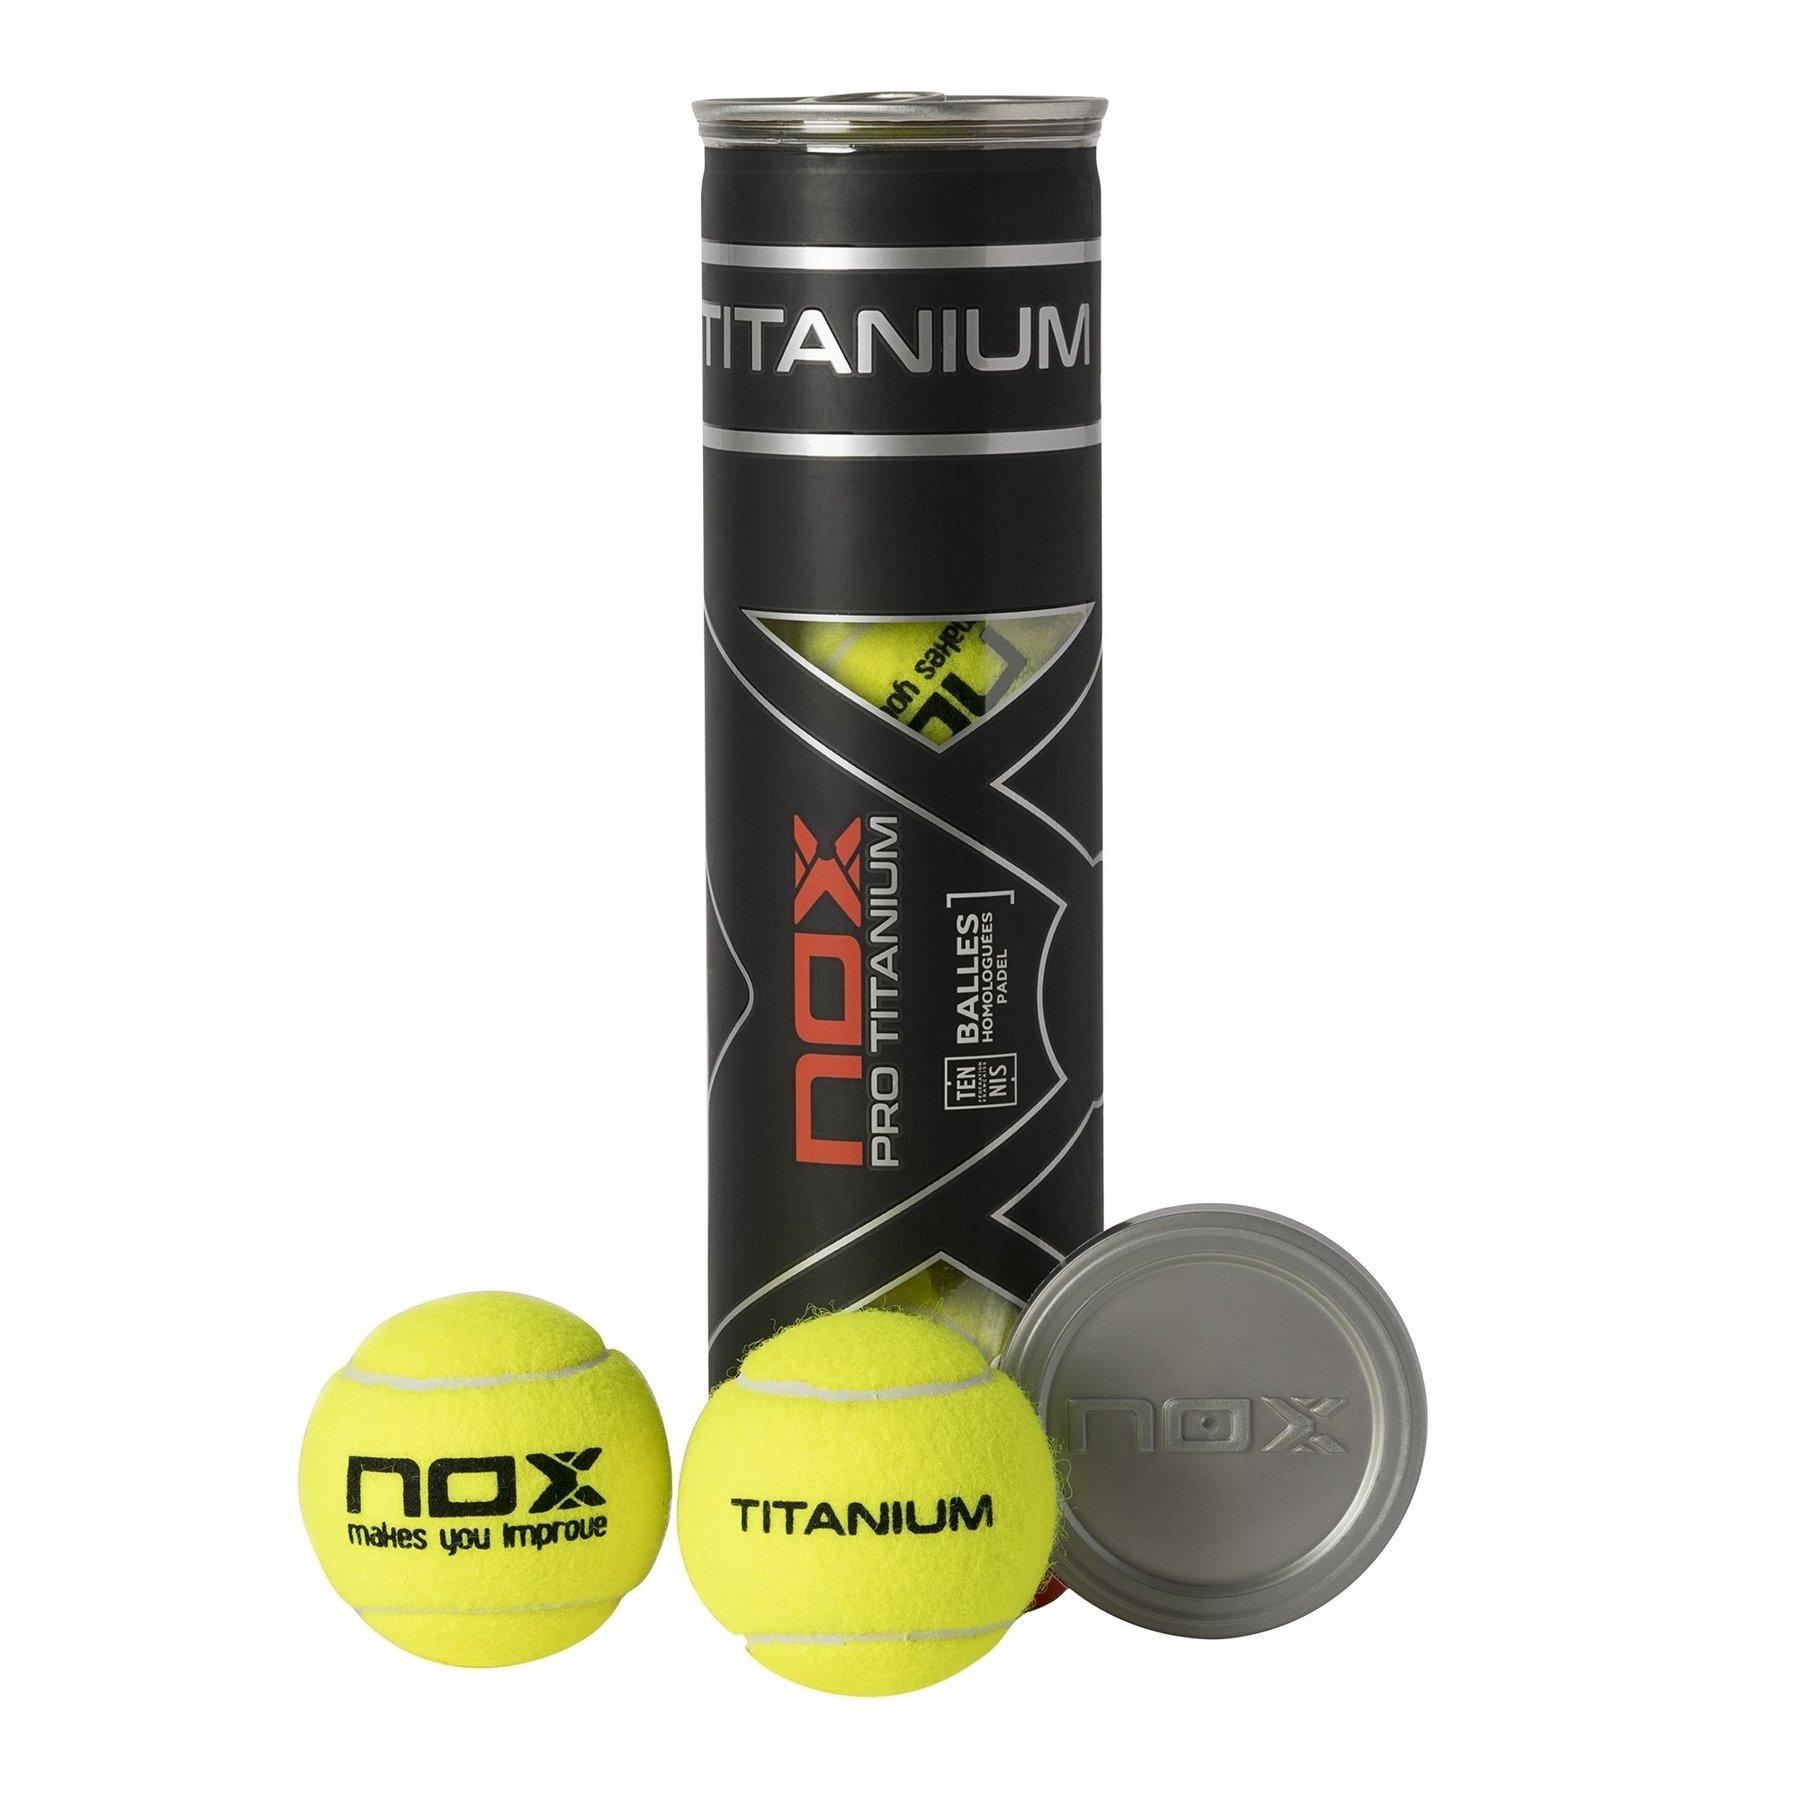 bote-de-4-pelotas-de-padel-pro-titanium-871045_1800x1800